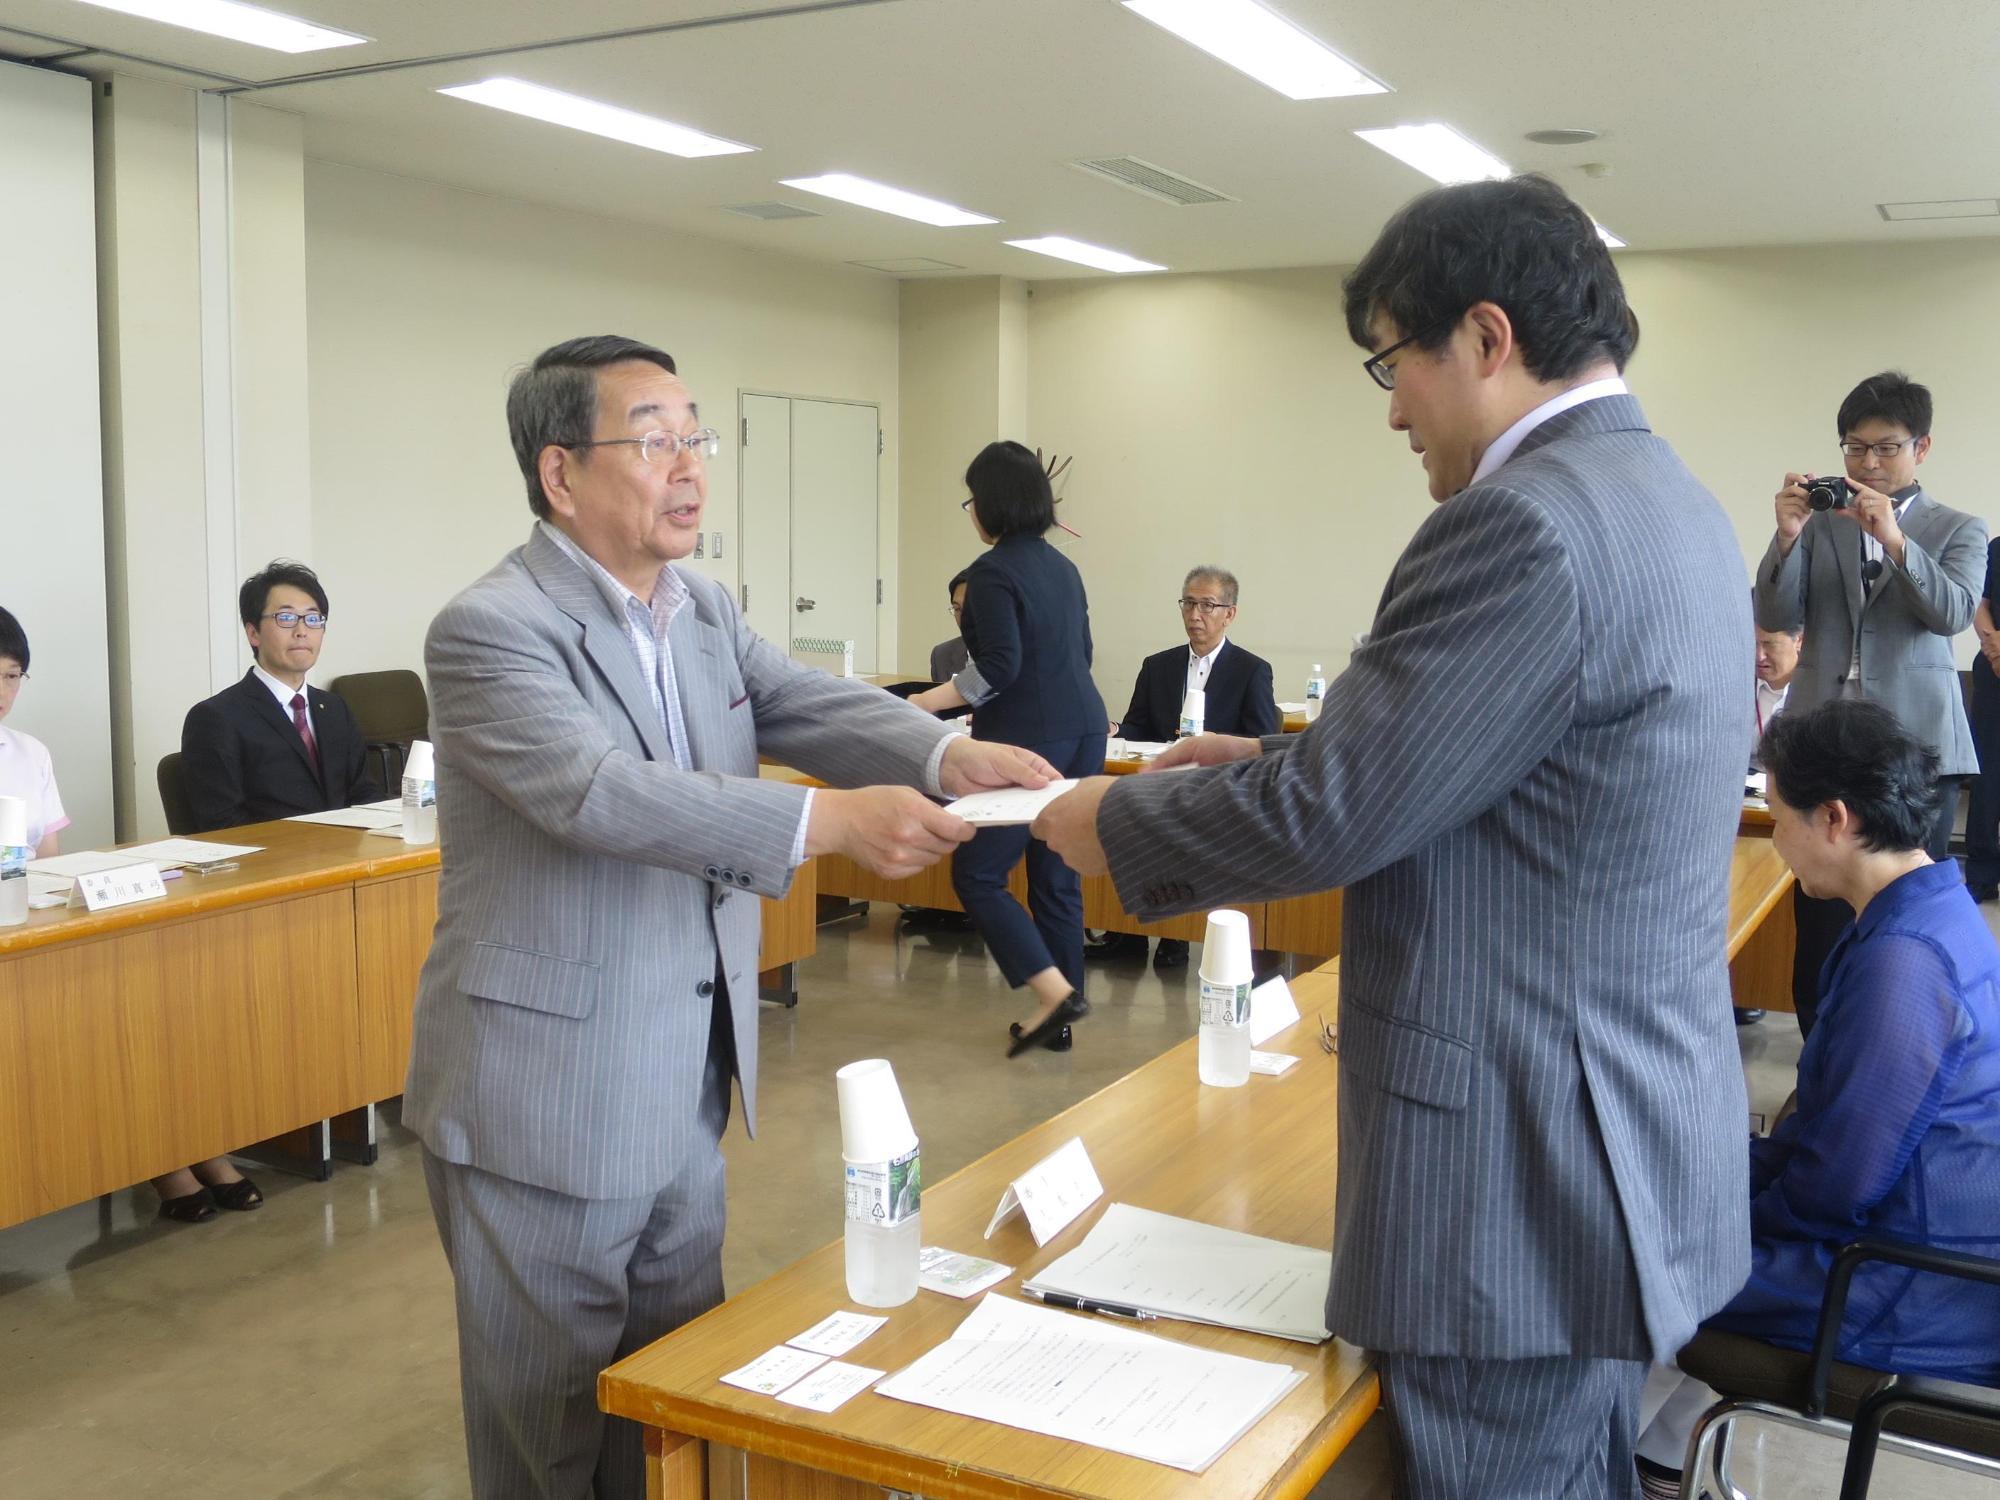 市長の公務日記(写真)(平成30年7月)